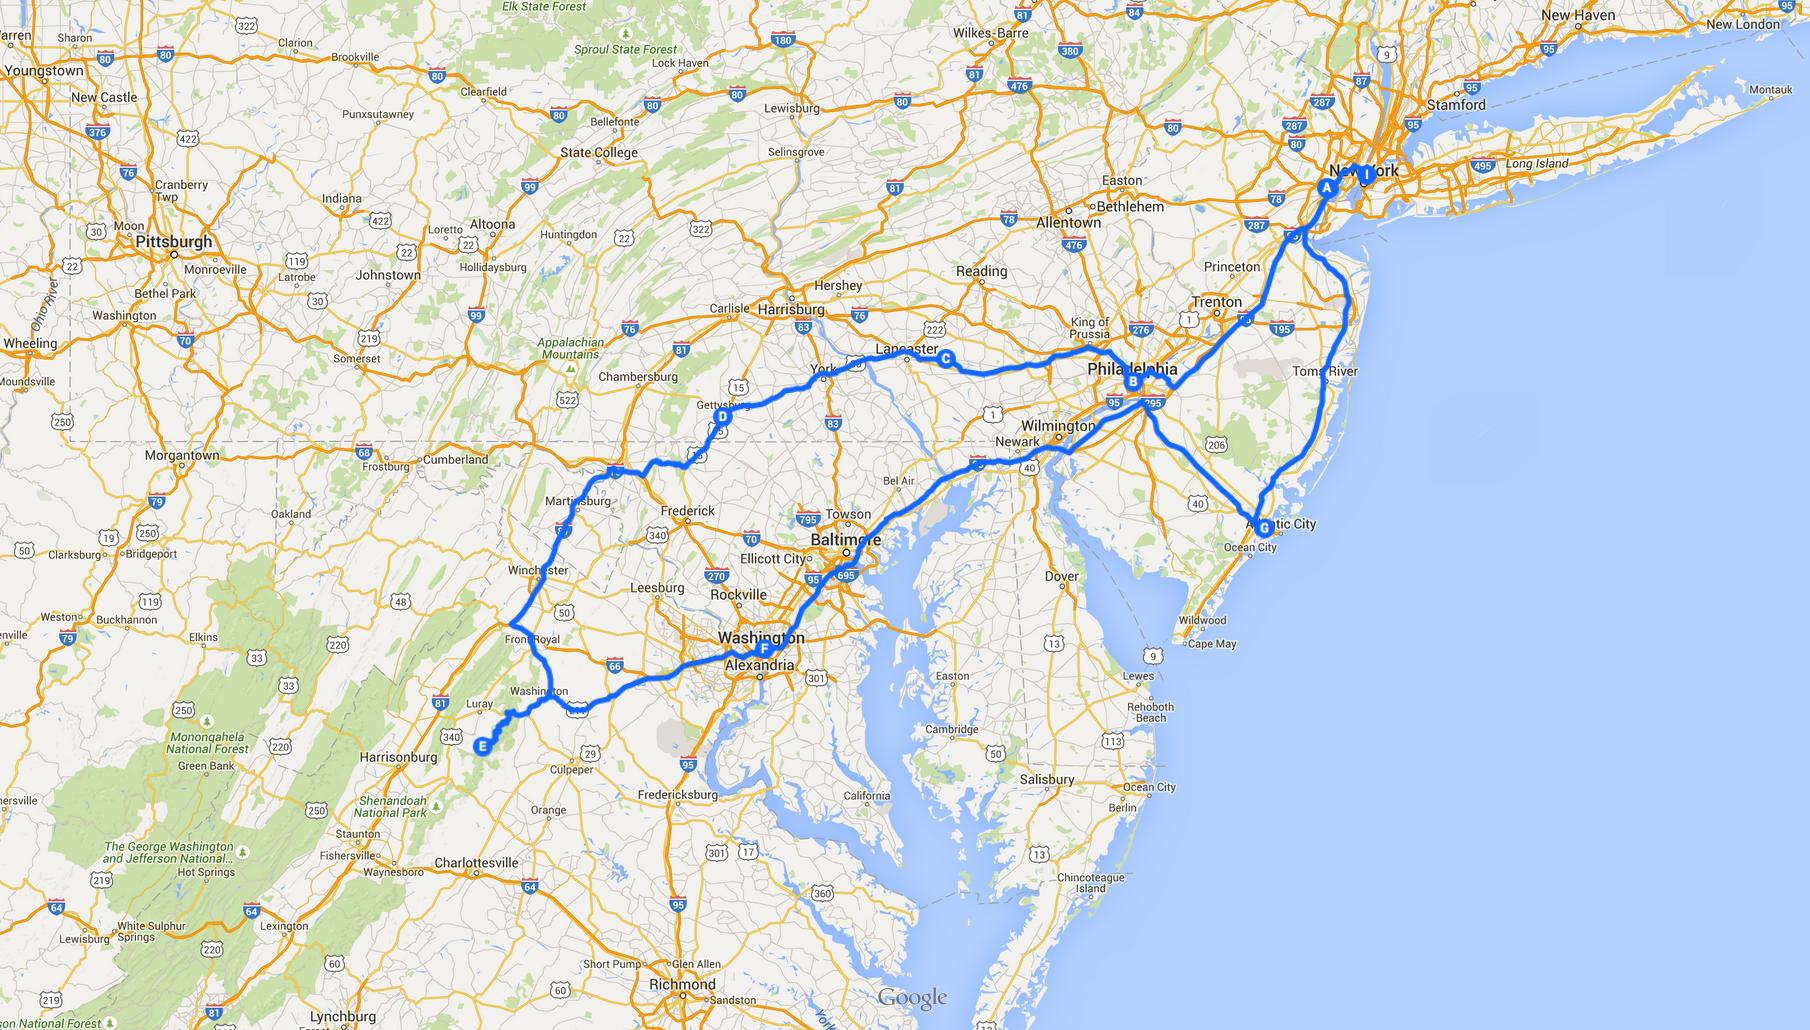 beste route oostkust amerika